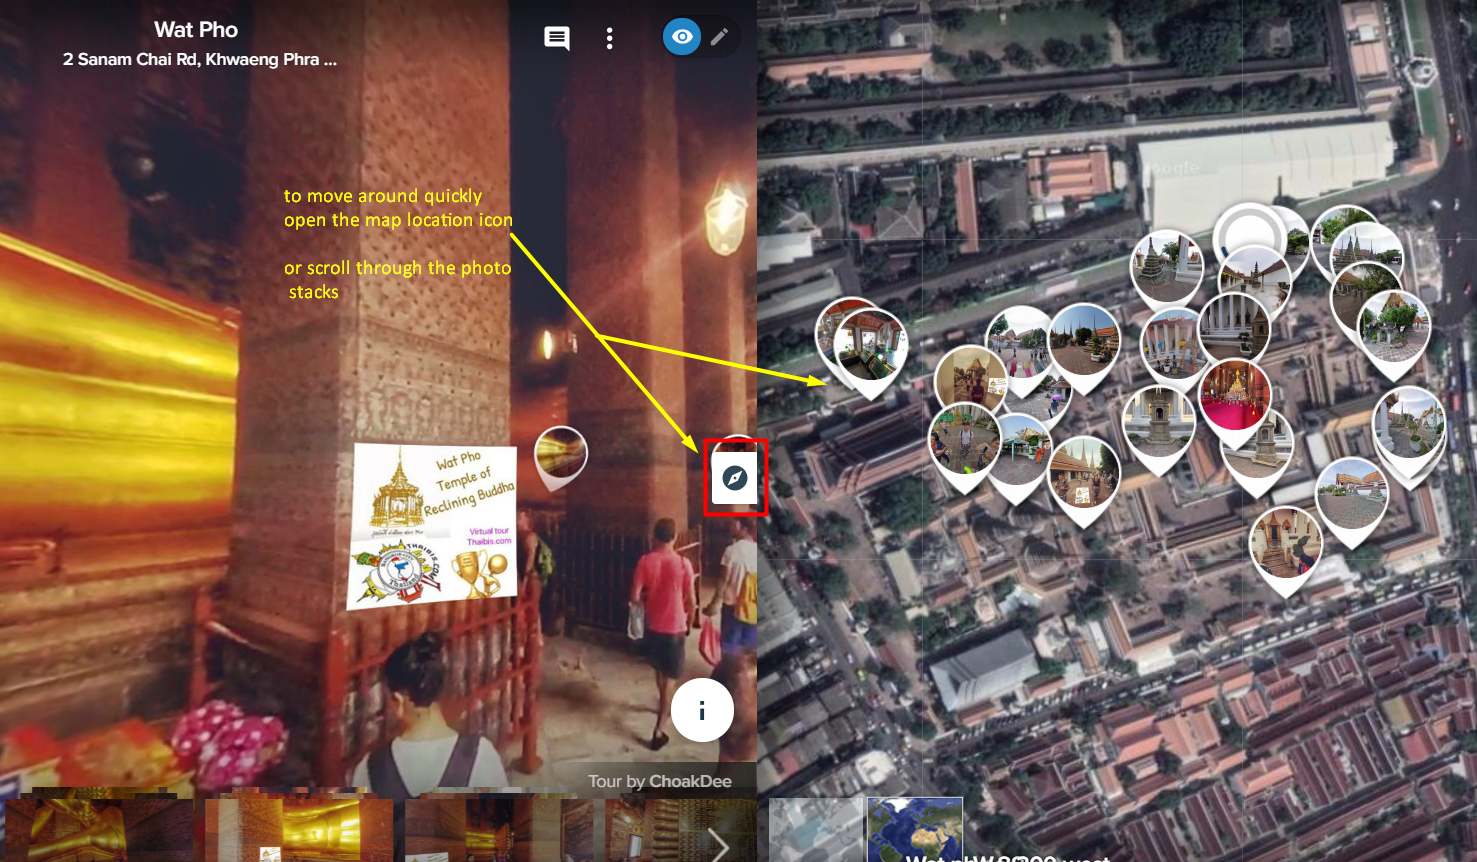 Virtual tour Wat Pho - Bangkok Tourism hub